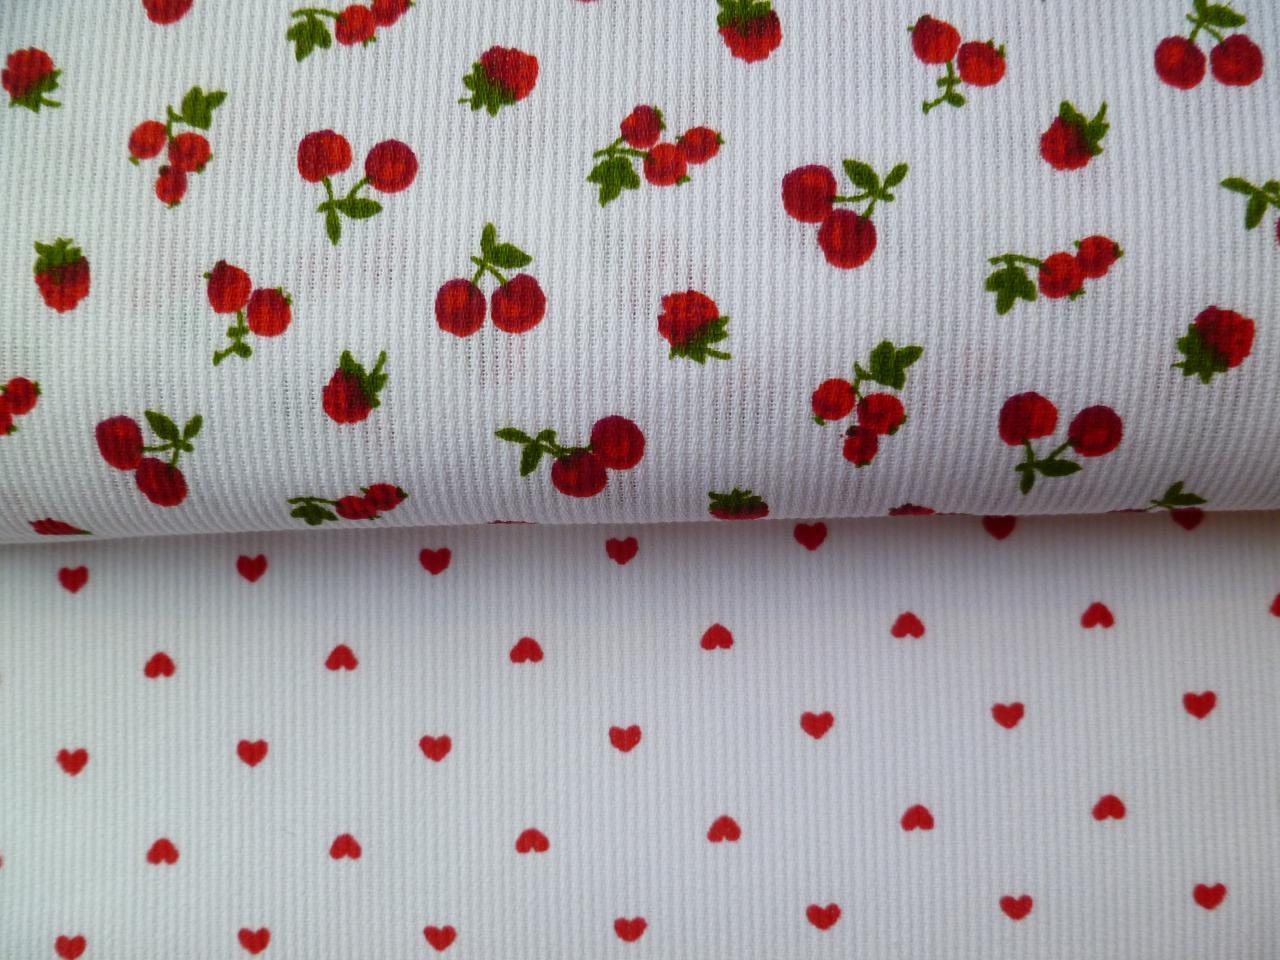 pique-de-coton-coeur-et-fruits-rouge.jpg